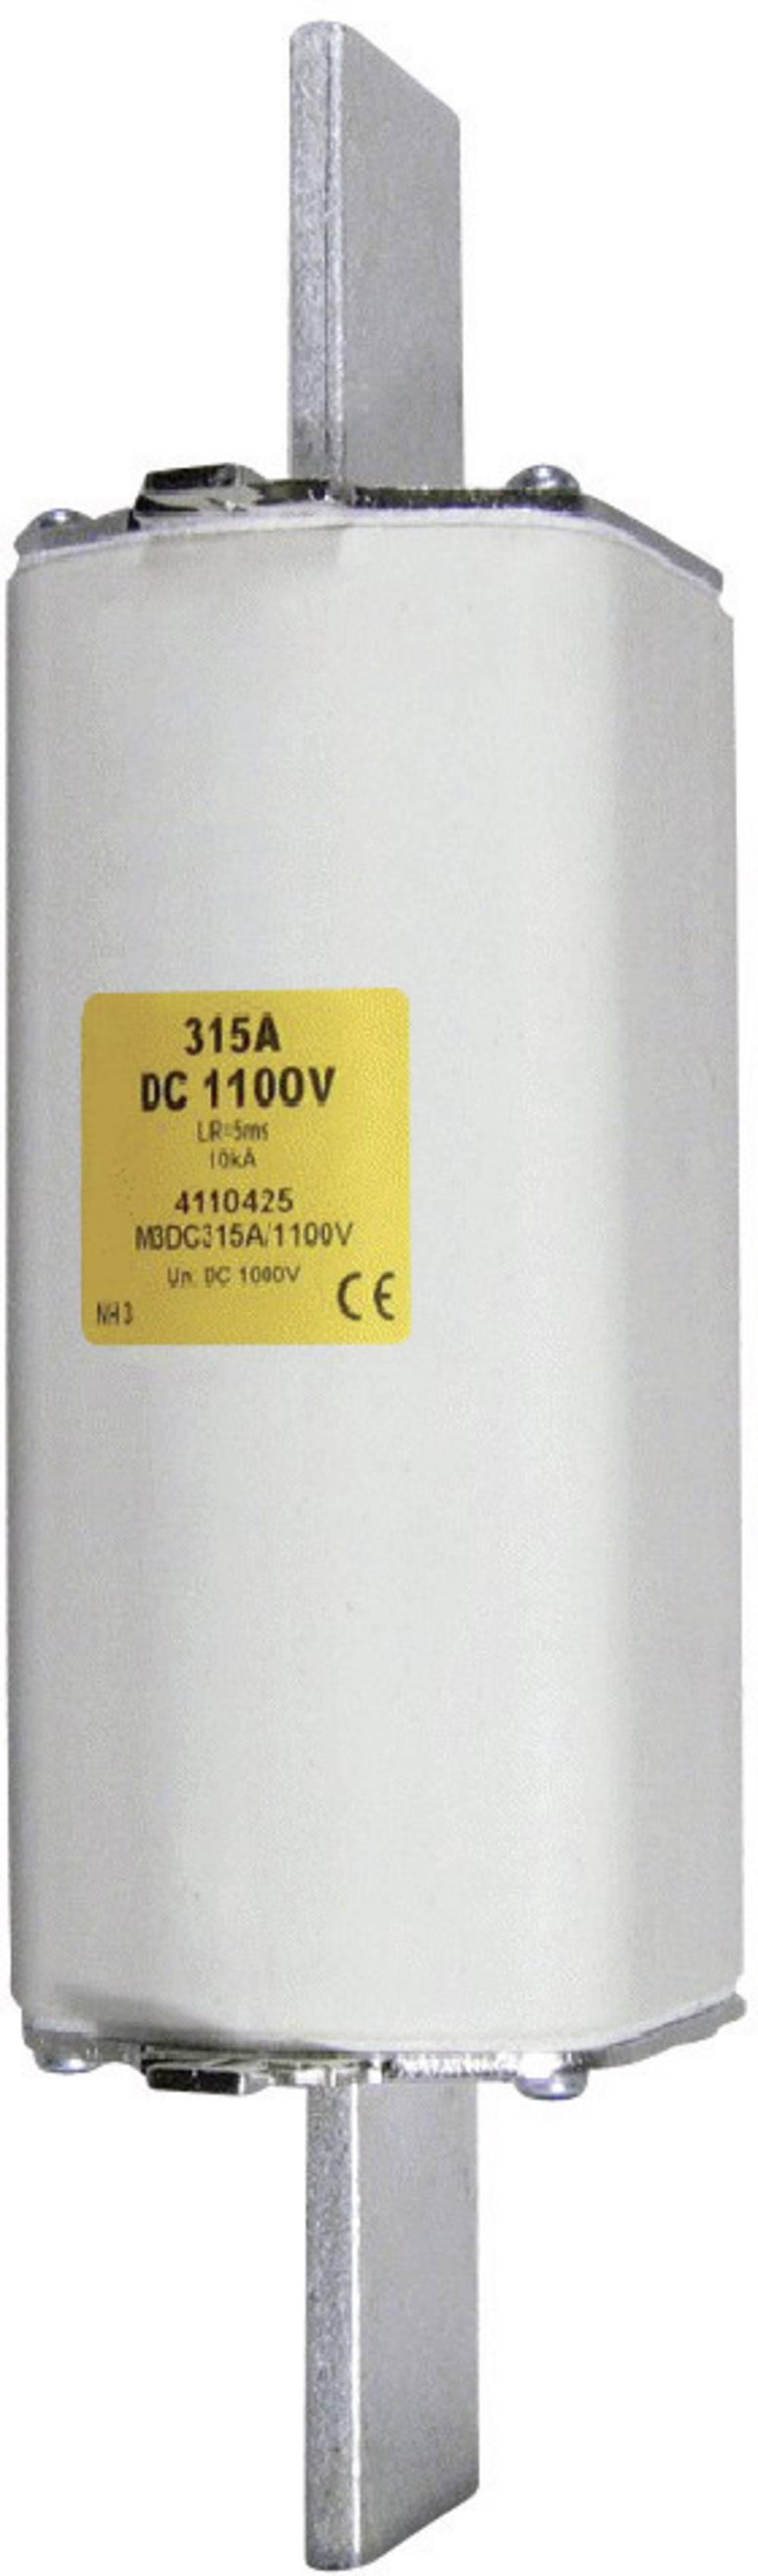 NH-sikring Sikringsstørrelse = 1C 160 A 1100 V/DC ESKA NH 1C 1100V DC 160A